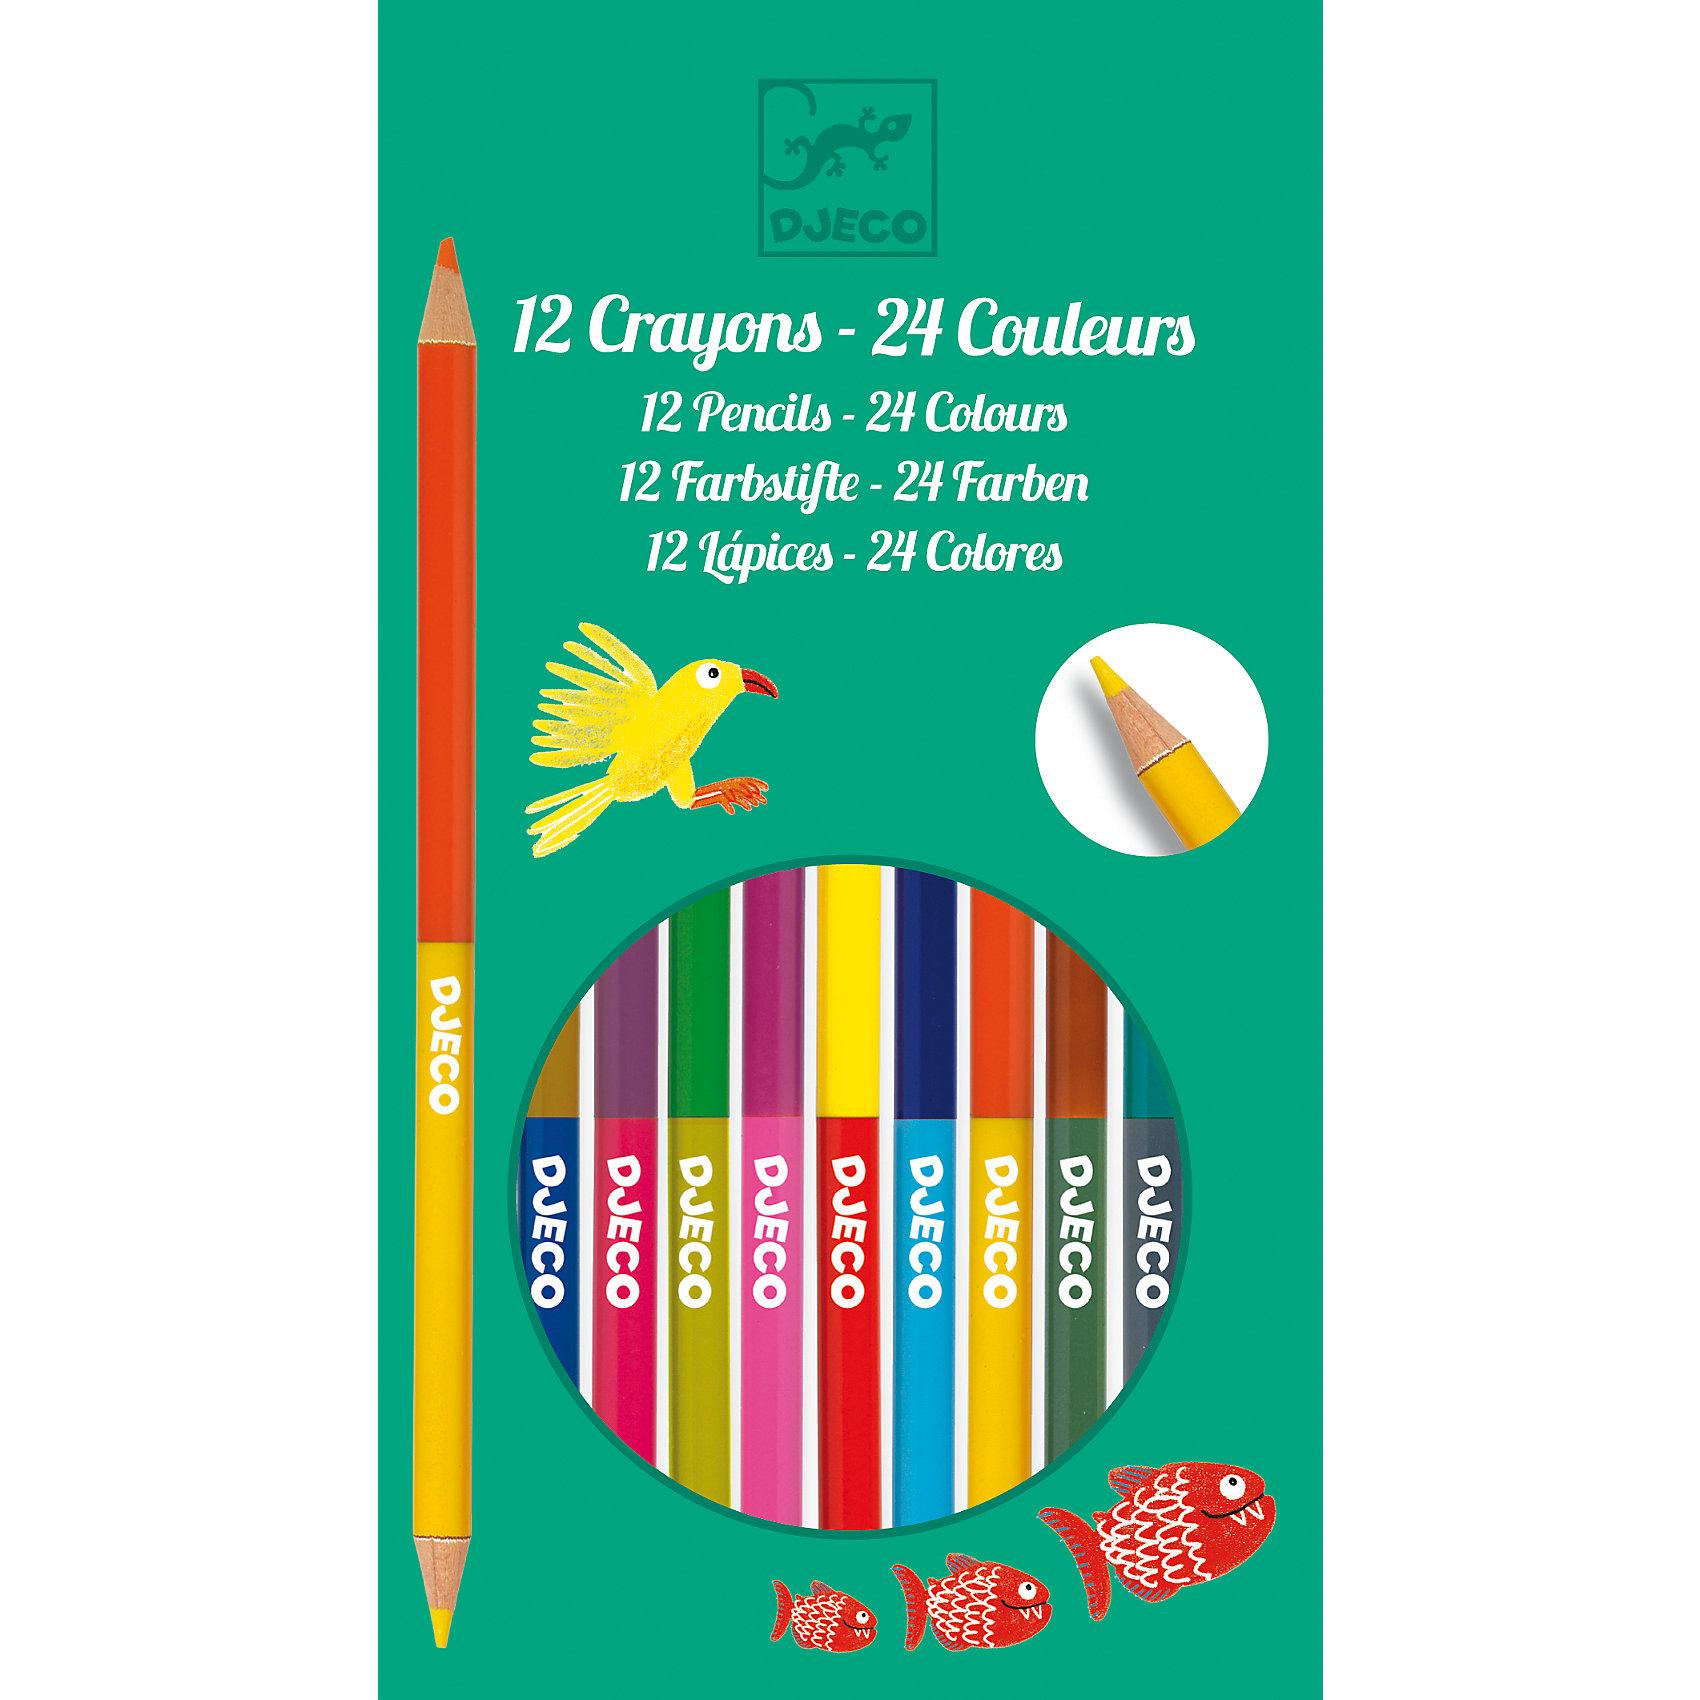 Набор из 12 двухсторонних карандашей, DJECOПисьменные принадлежности<br>Характеристики набора из 12 двухсторонних карандашей:<br><br>• возраст: от 4 лет<br>• пол: универсальный<br>• комплект: 12 двухсторонних карандашей.<br>• материал: дерево<br>• состав: пластик, краситель.<br>• размер упаковки: 10 х 18 х 1 см.<br>• упаковка: картонная коробка .<br>• бренд: Djeco<br>• страна обладатель бренда: Франция.<br><br>Ваш малыш будет с удовольствием рисовать двойными карандашами, воплощая свои самые красочные мечты. В наборе он найдёт 12 ярких карандашей, всего в наборе 24 цвета. Рисунки, созданные с помощью карандашей от торговой марки Djeco (Джеко) не выцветают и сохраняют насыщенность цвета в течение долгого времени. В процессе рисования у Вашего ребенка будет развиваться фантазия, воображение и творческие способности.<br><br>Набор из 12 двухсторонних карандашей от торговой марки Djeco (Джеко) можно купить в нашем интернет-магазине.<br><br>Ширина мм: 100<br>Глубина мм: 18<br>Высота мм: 10<br>Вес г: 310<br>Возраст от месяцев: 48<br>Возраст до месяцев: 2147483647<br>Пол: Унисекс<br>Возраст: Детский<br>SKU: 5448836